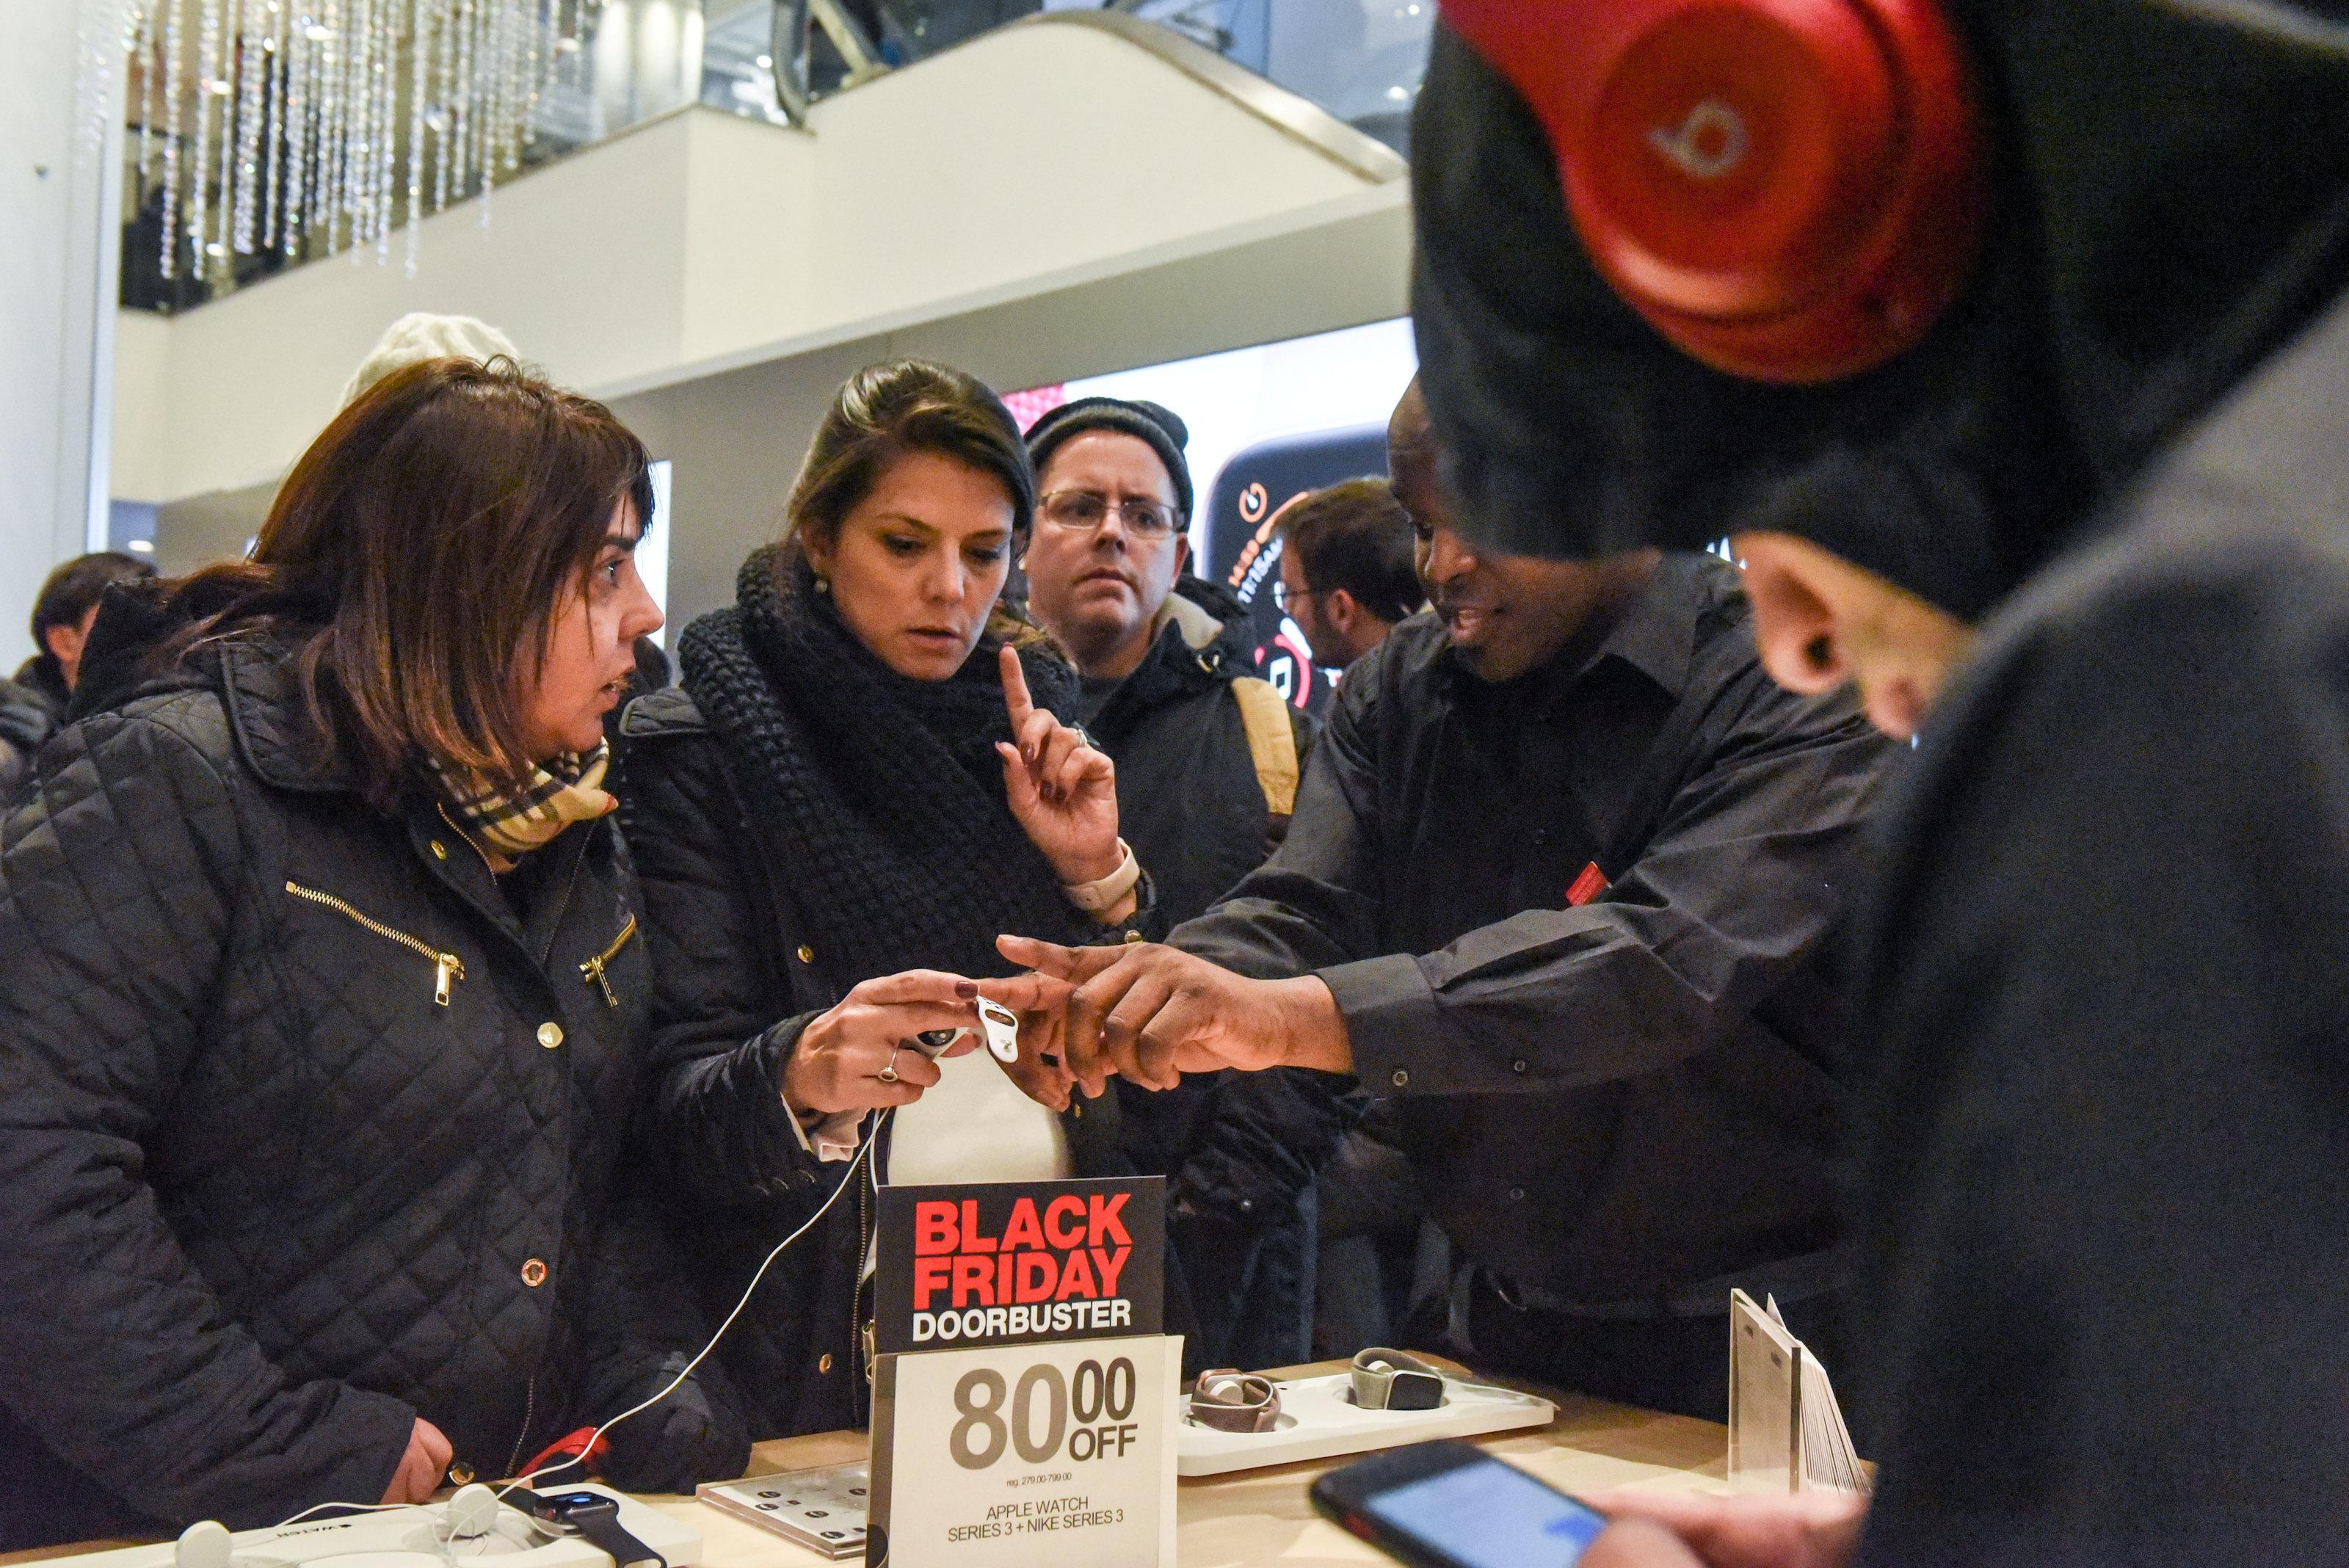 ston-rythmo-tis-black-friday-i-ameriki-fotografies25